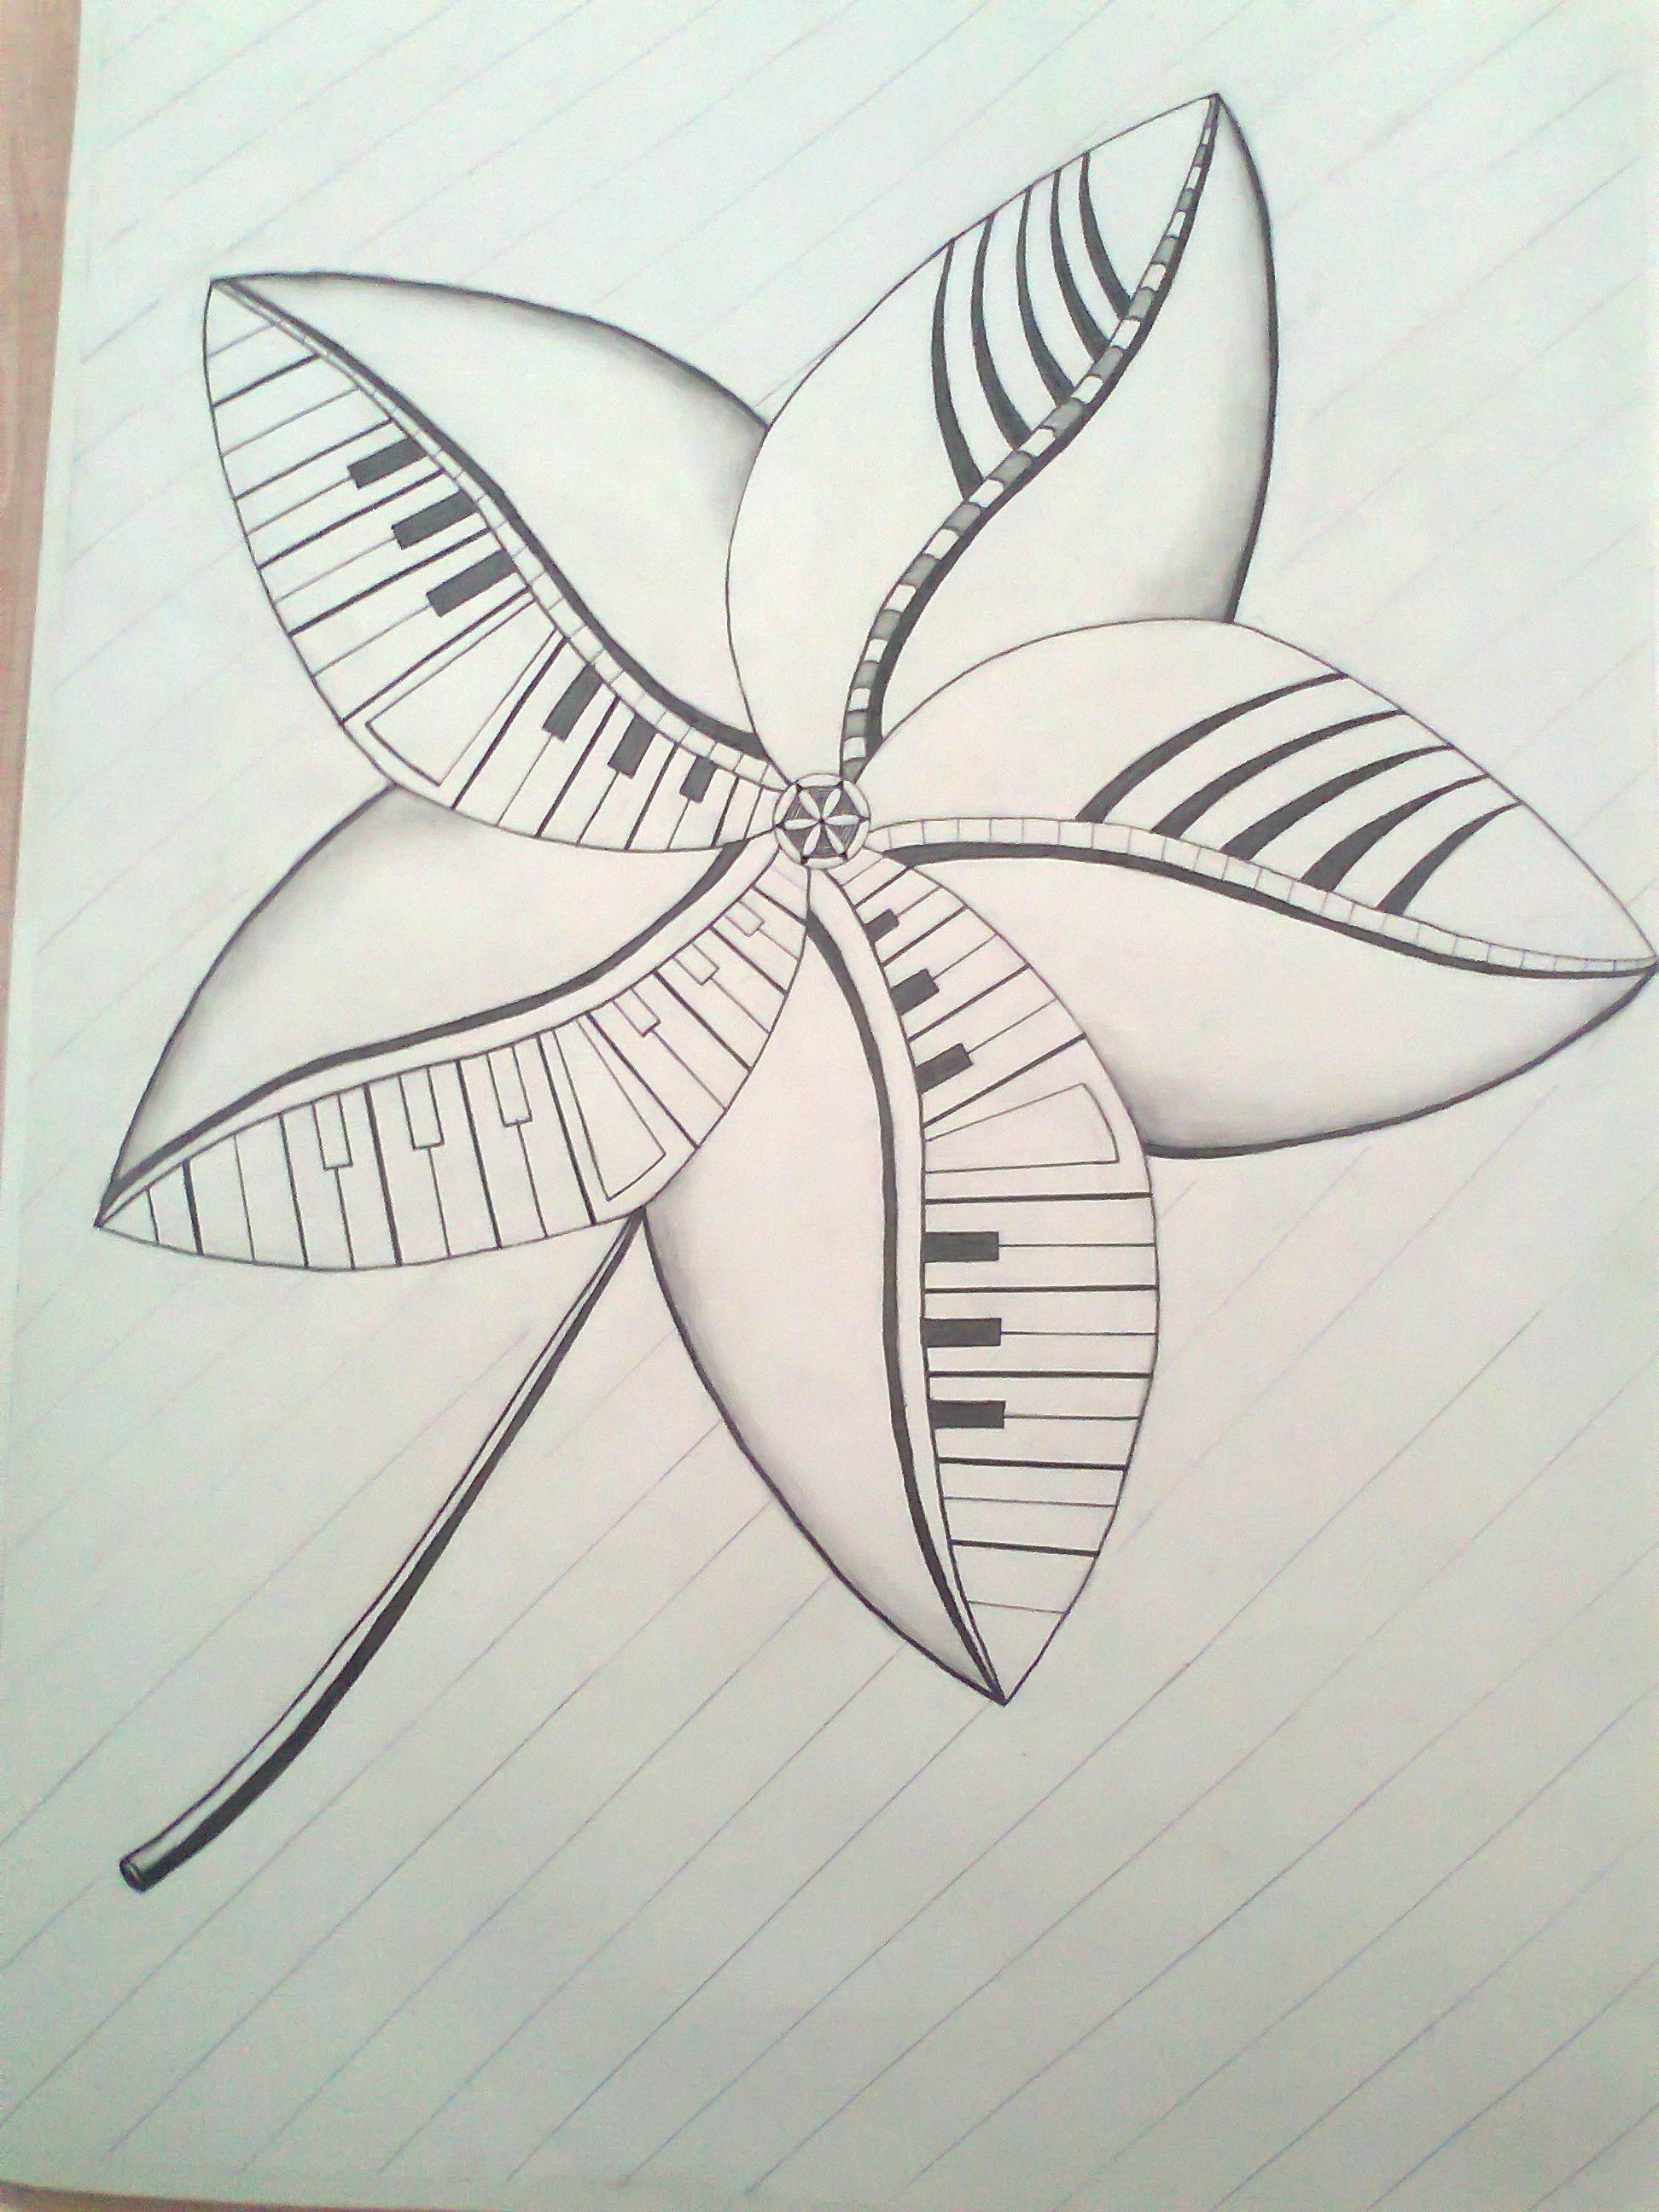 枫叶怎么画漂亮又简单-枫叶简画